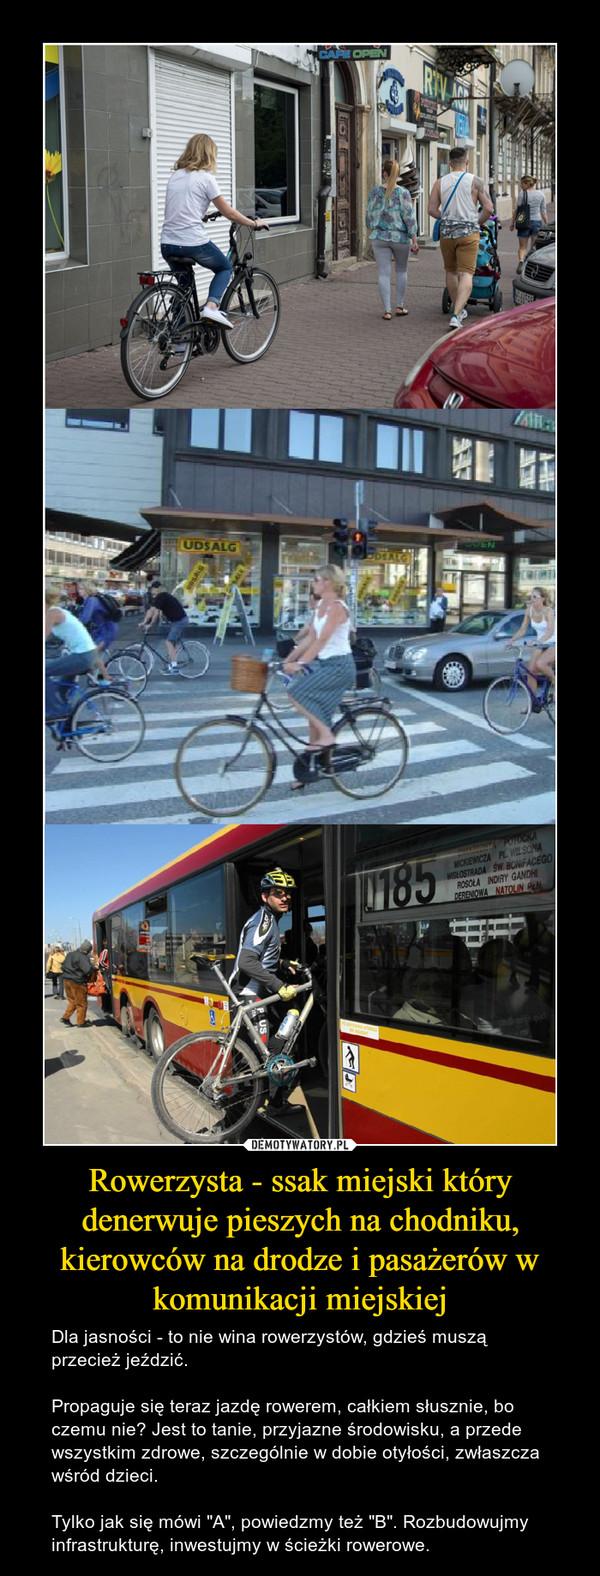 """Rowerzysta - ssak miejski który denerwuje pieszych na chodniku, kierowców na drodze i pasażerów w komunikacji miejskiej – Dla jasności - to nie wina rowerzystów, gdzieś muszą przecież jeździć. Propaguje się teraz jazdę rowerem, całkiem słusznie, bo czemu nie? Jest to tanie, przyjazne środowisku, a przede wszystkim zdrowe, szczególnie w dobie otyłości, zwłaszcza wśród dzieci. Tylko jak się mówi """"A"""", powiedzmy też """"B"""". Rozbudowujmy infrastrukturę, inwestujmy w ścieżki rowerowe."""